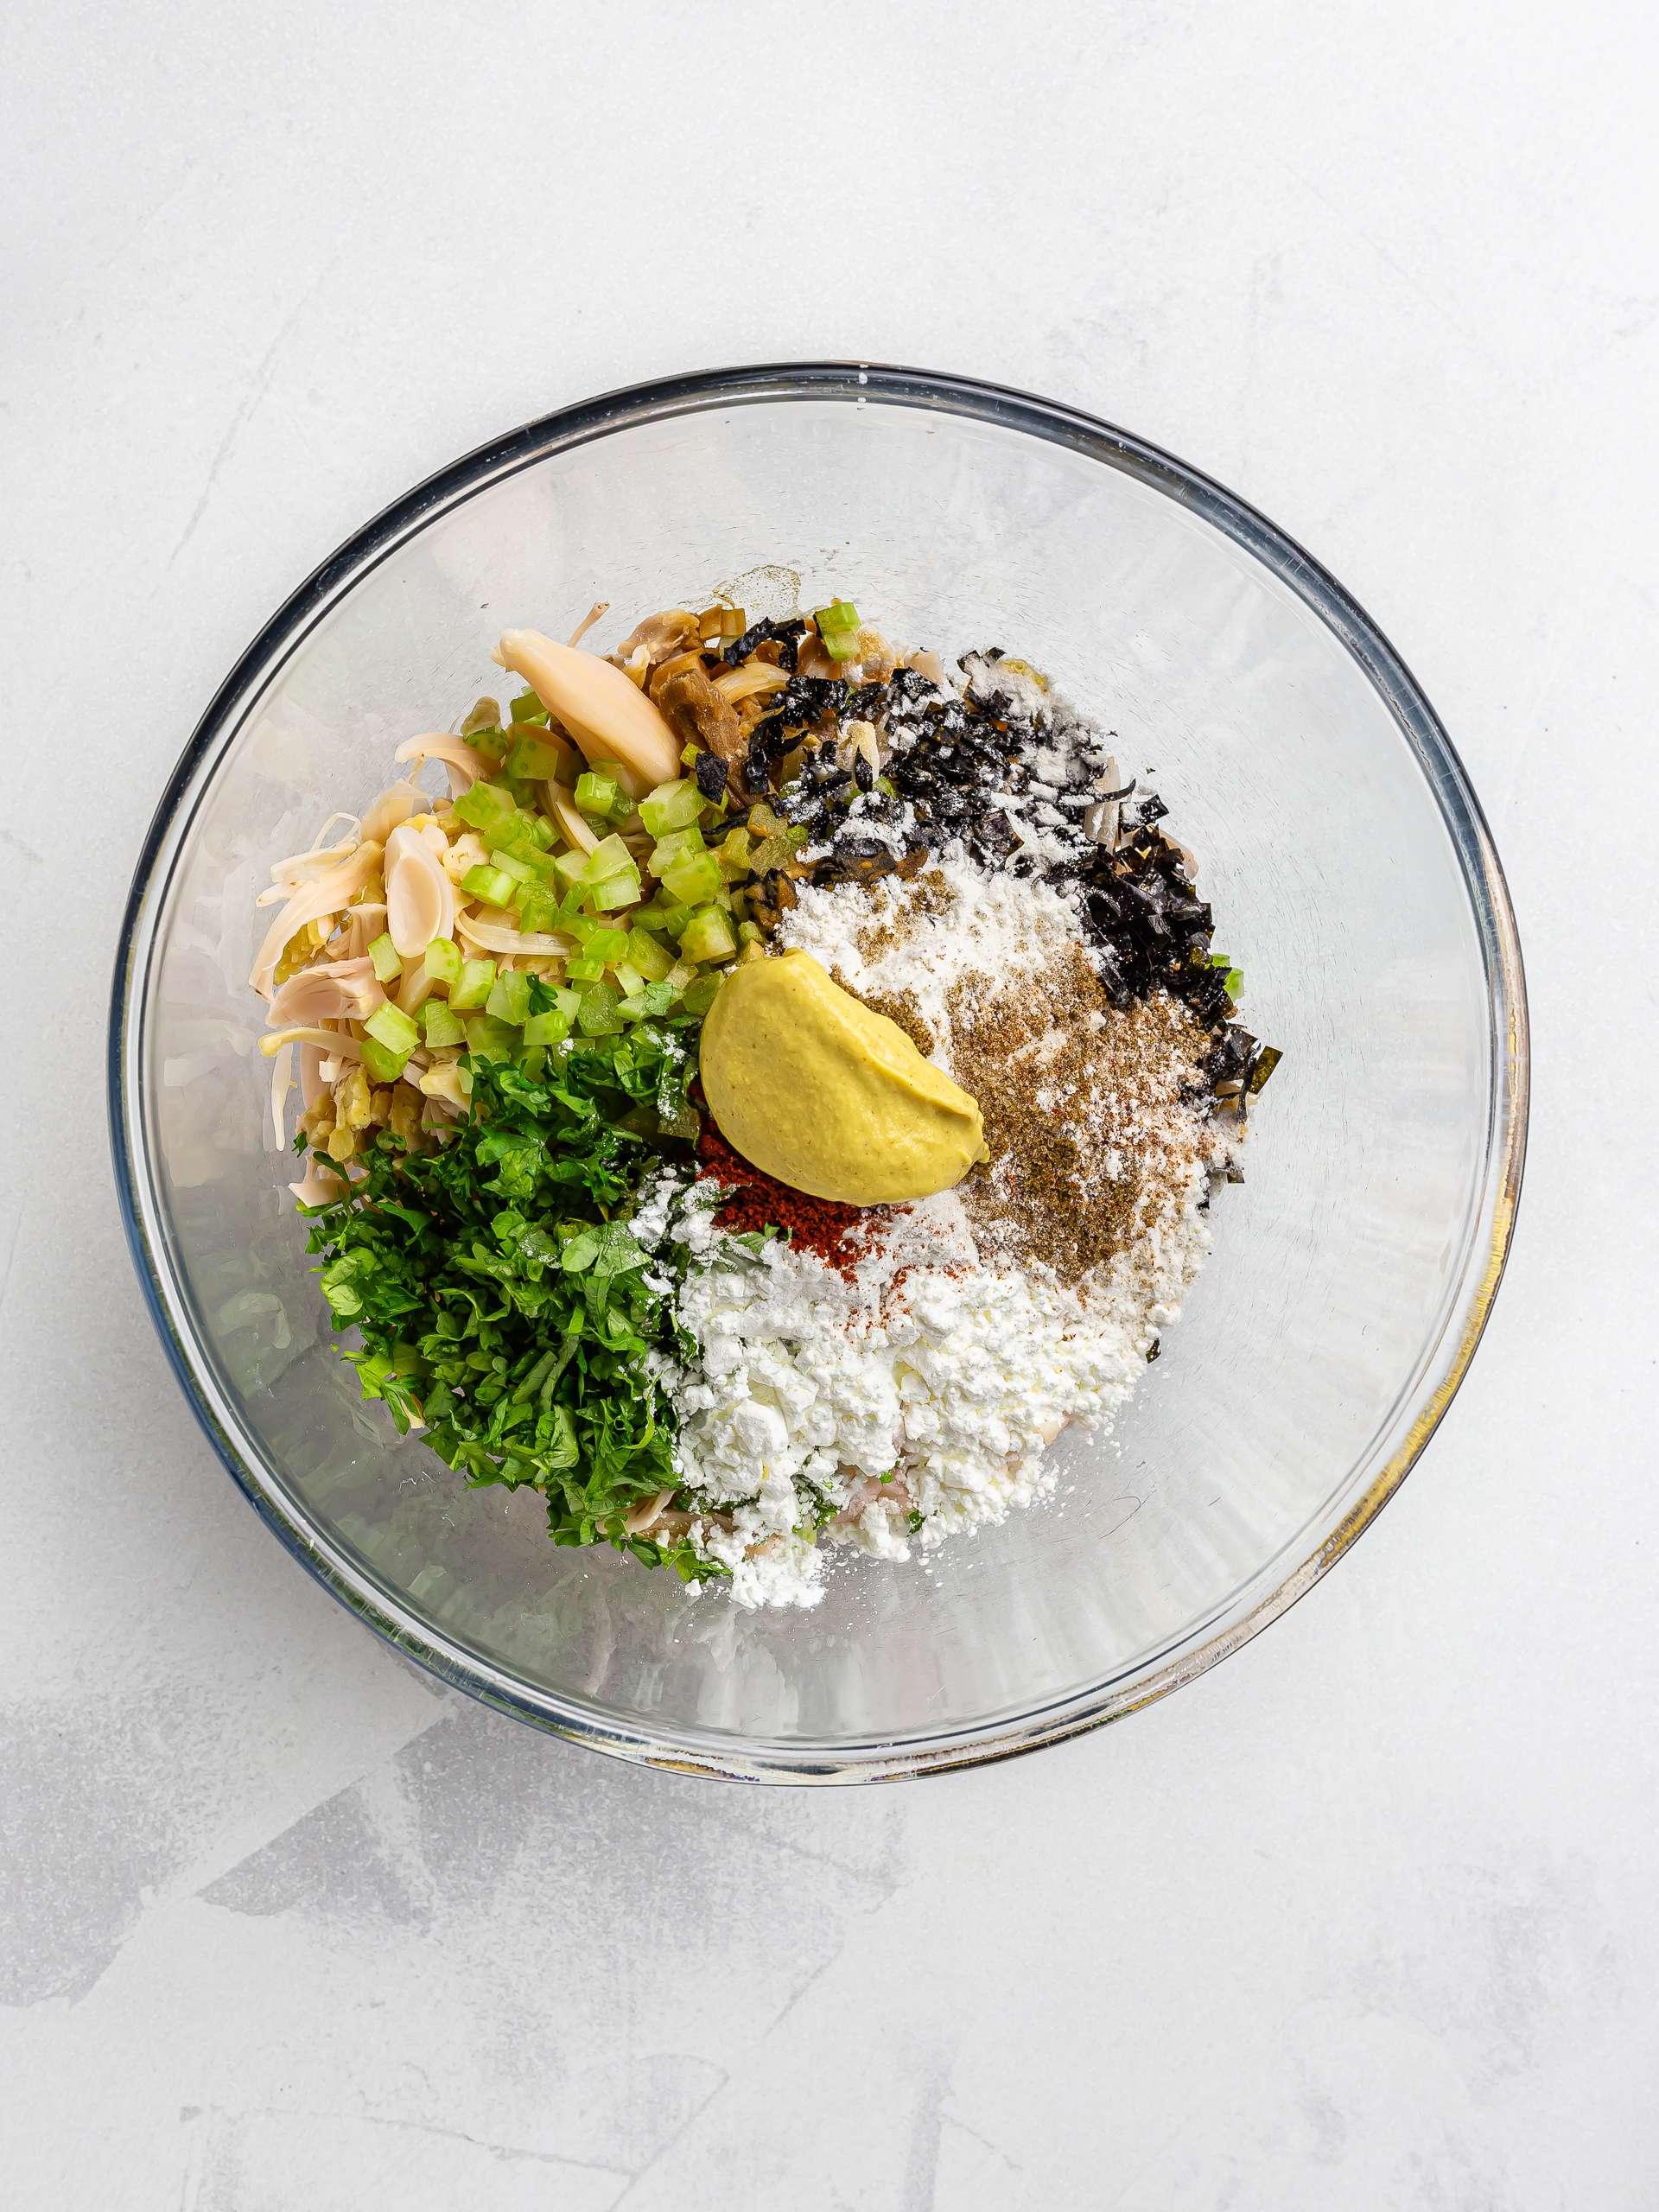 jackfruit crab cake ingredients in a bowl